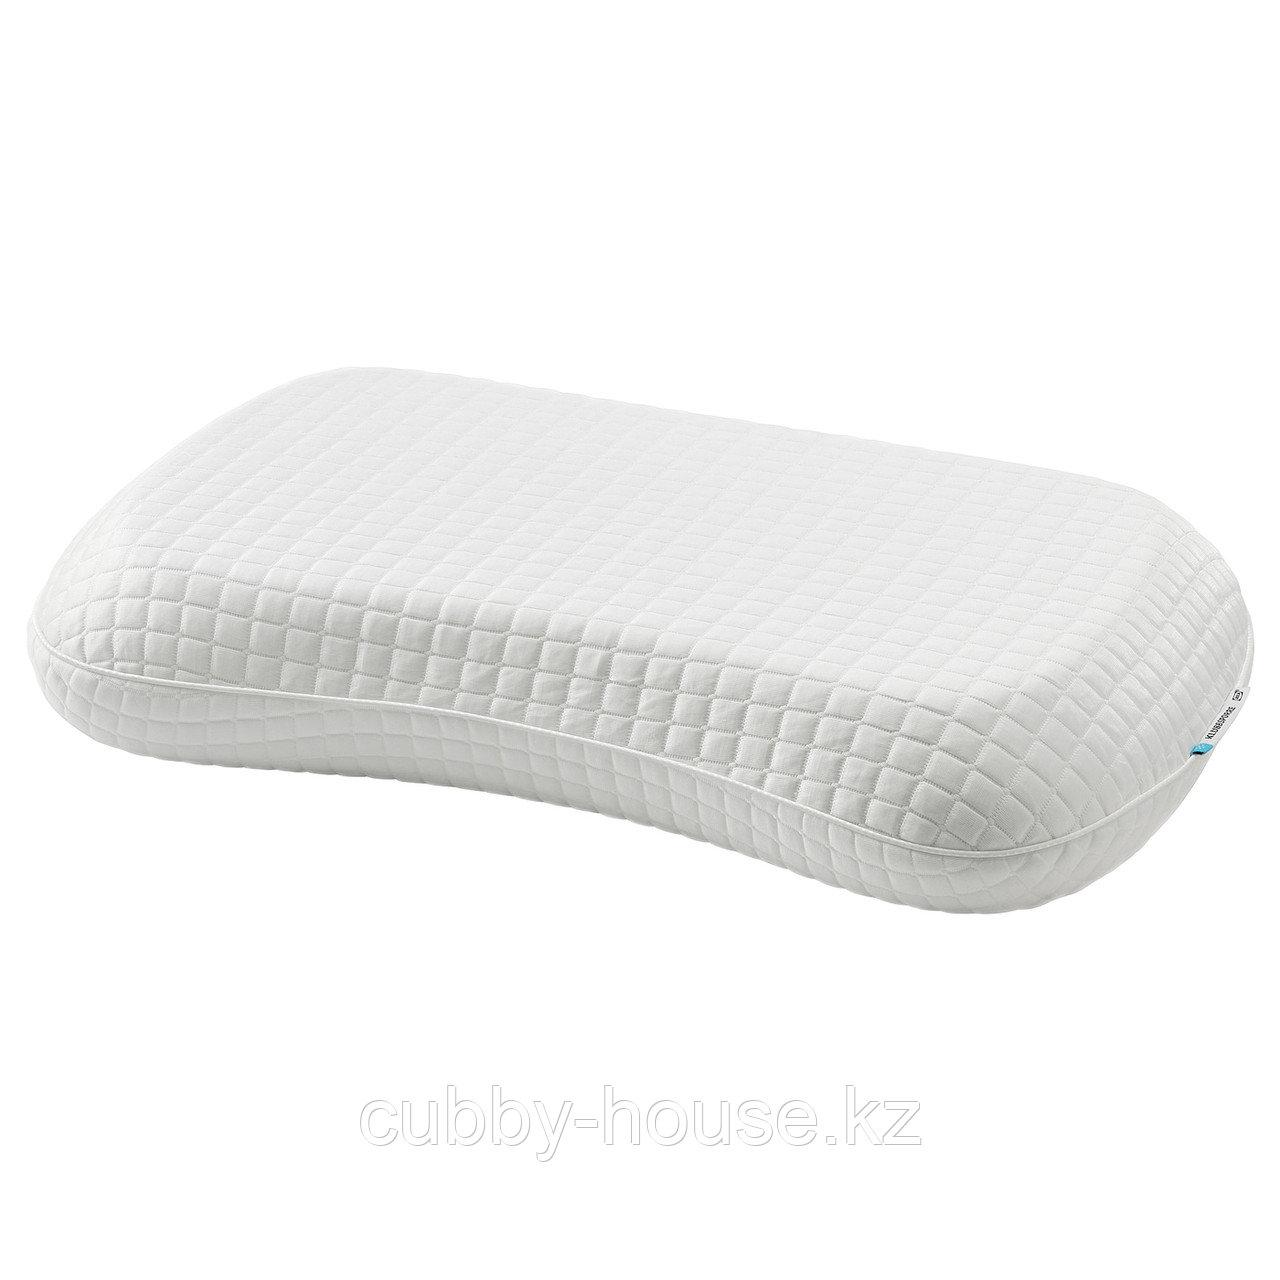 КЛУББСПОРРЕ Эргономичная подушка, универсальная, 43x65 см